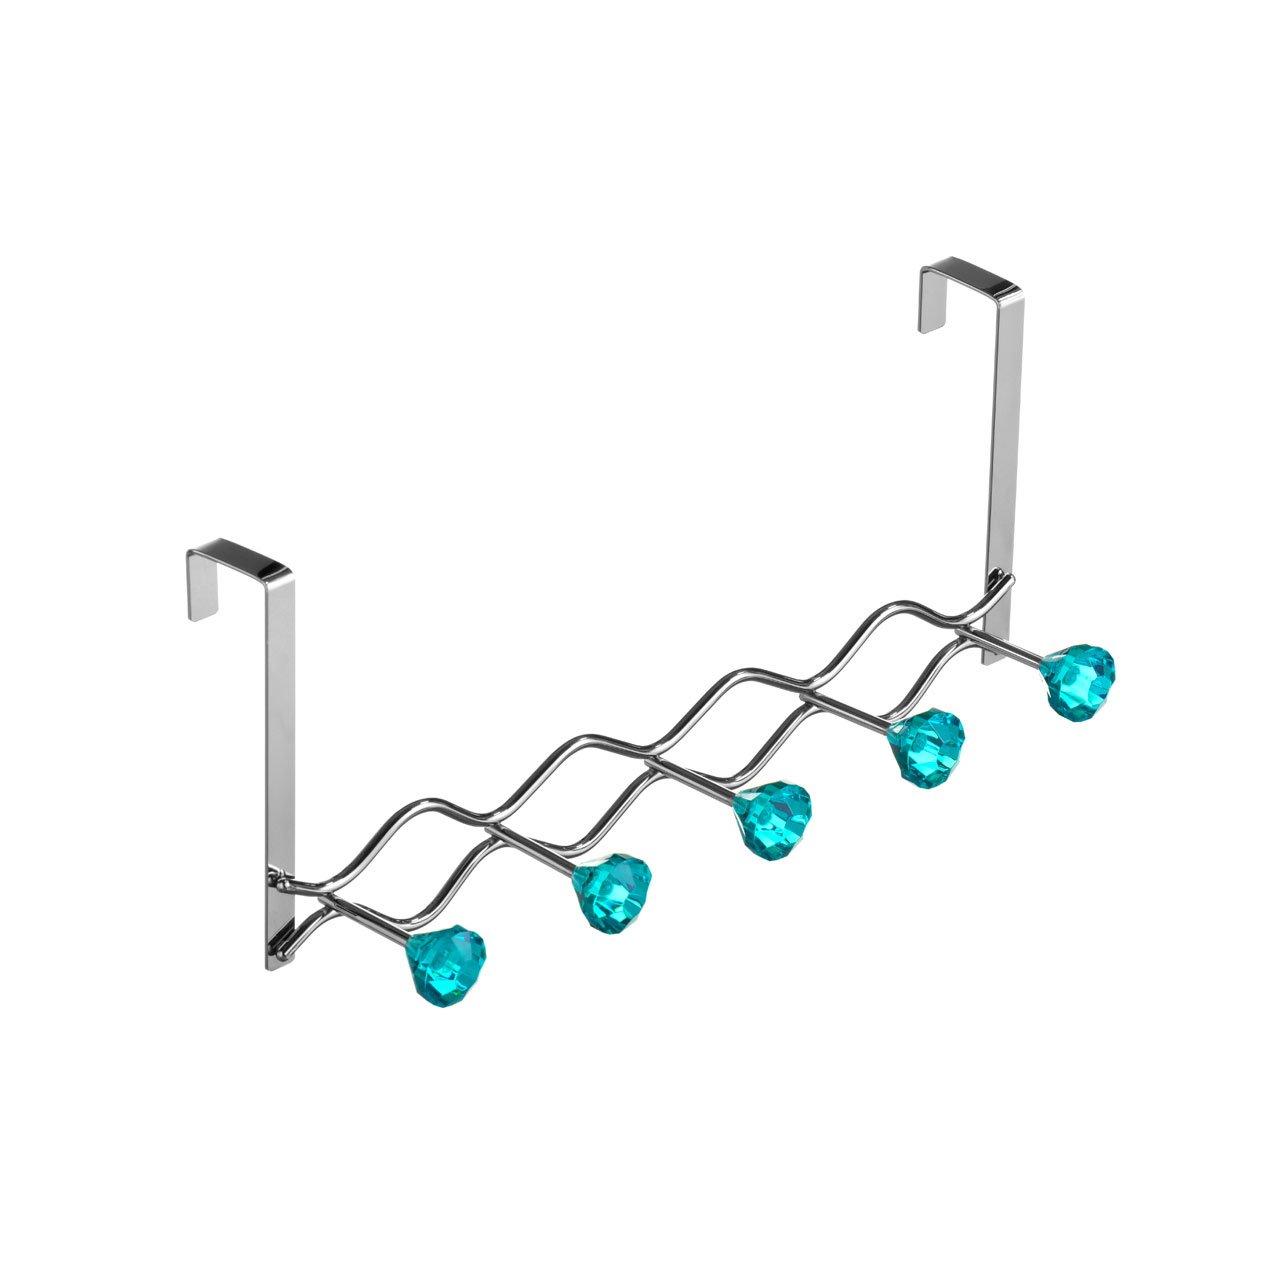 Over Door Hanger Chrome Teal Diamantes Made Of Steel 5 Hooks